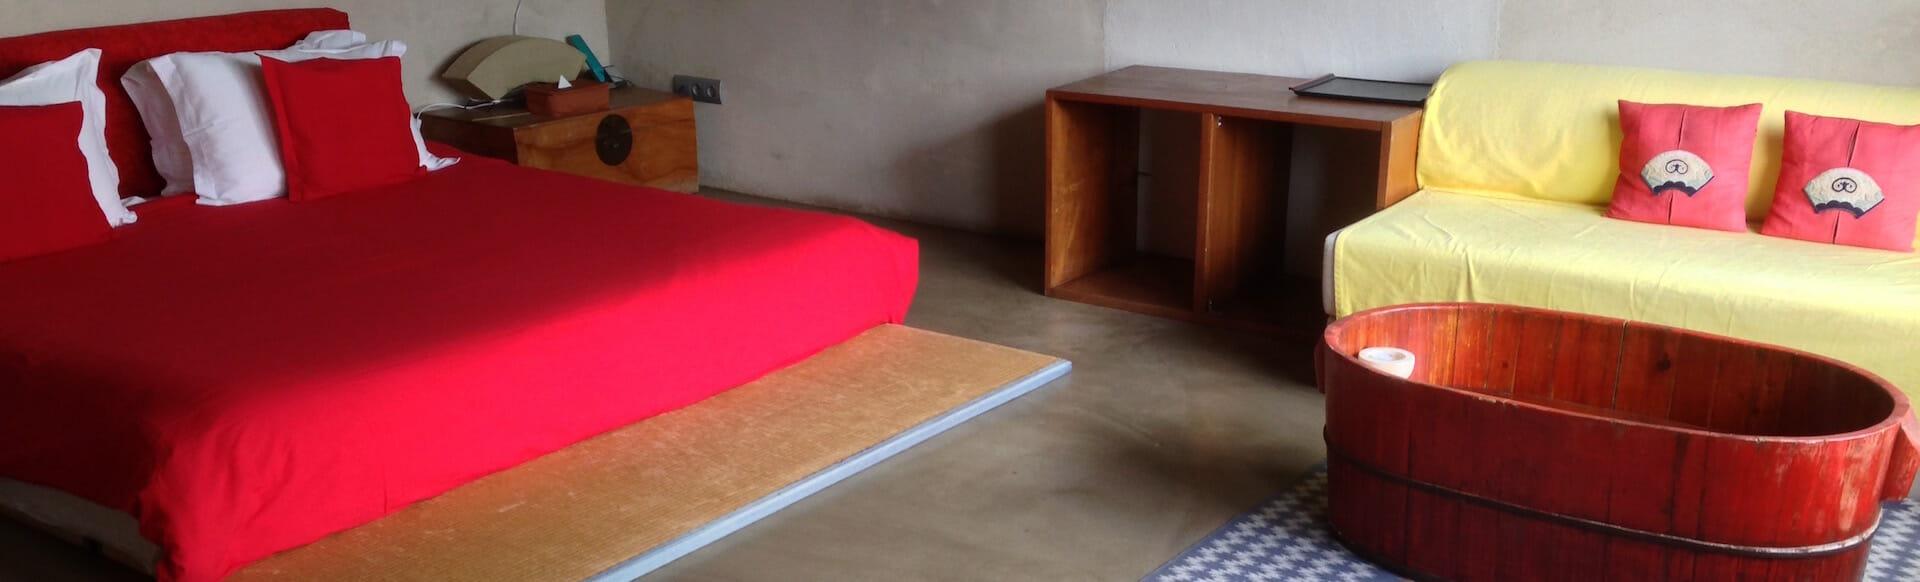 Habitación mediana - cama / sofa